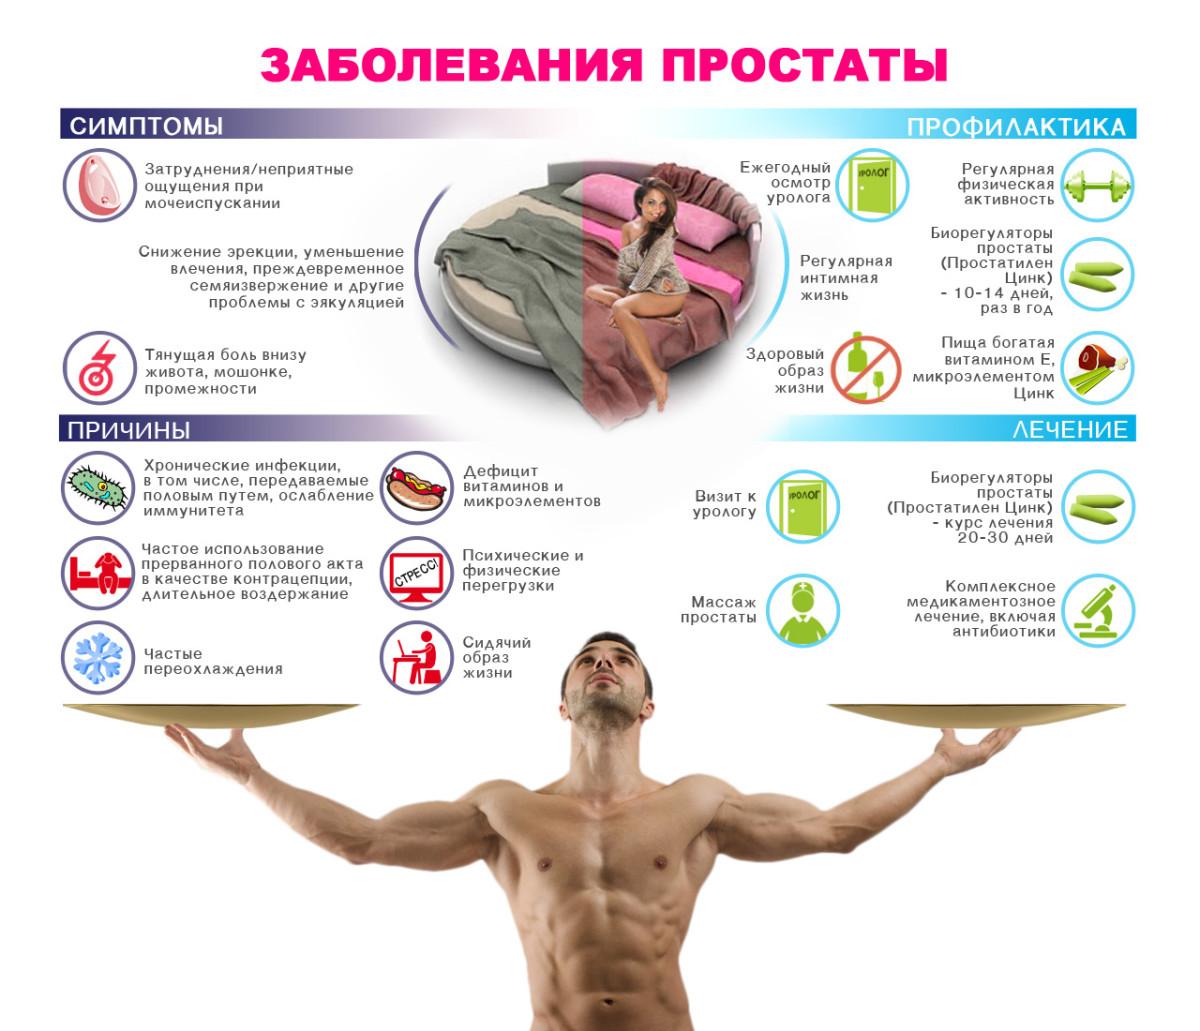 Профилактика простаты залог здоровья